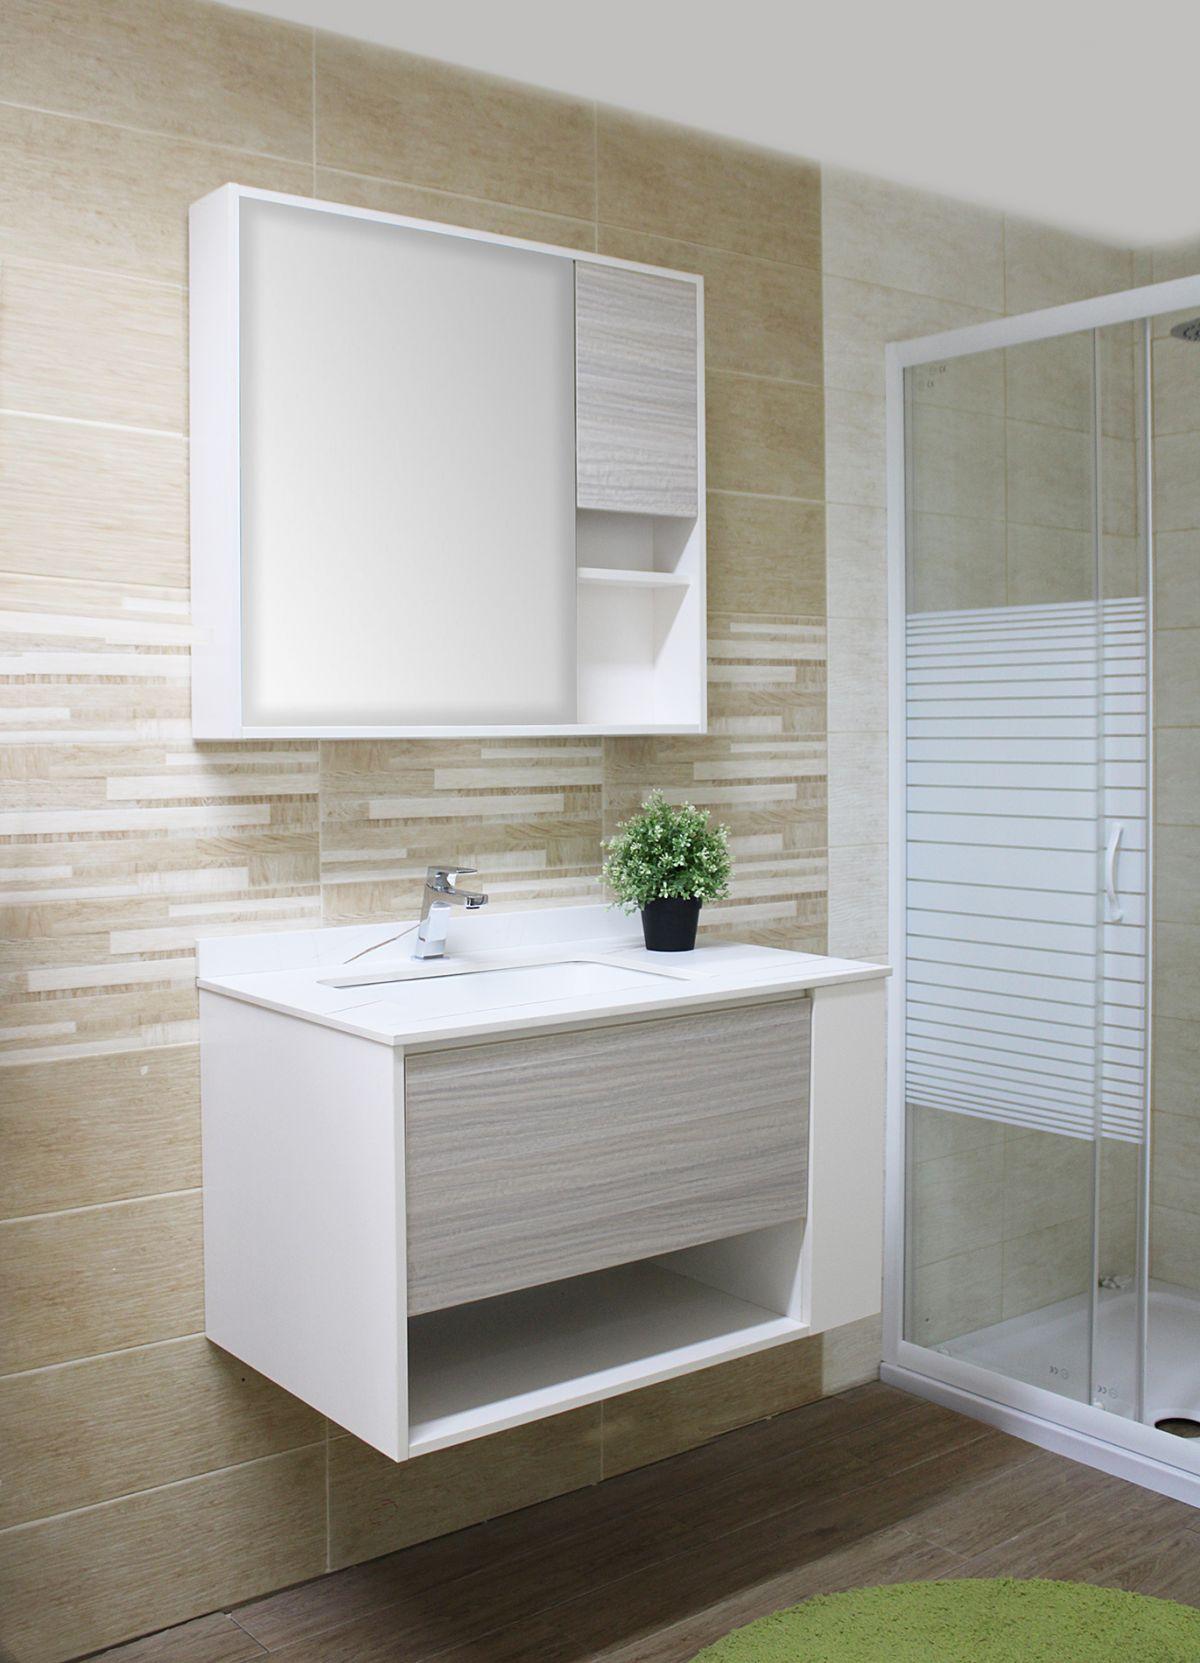 Nassaun mobile bagno sospeso 3 Mobile bagno Nassau sospeso da 80 cm bianco lucido e bianco decapè effetto legno con lavabo specchio e pensile